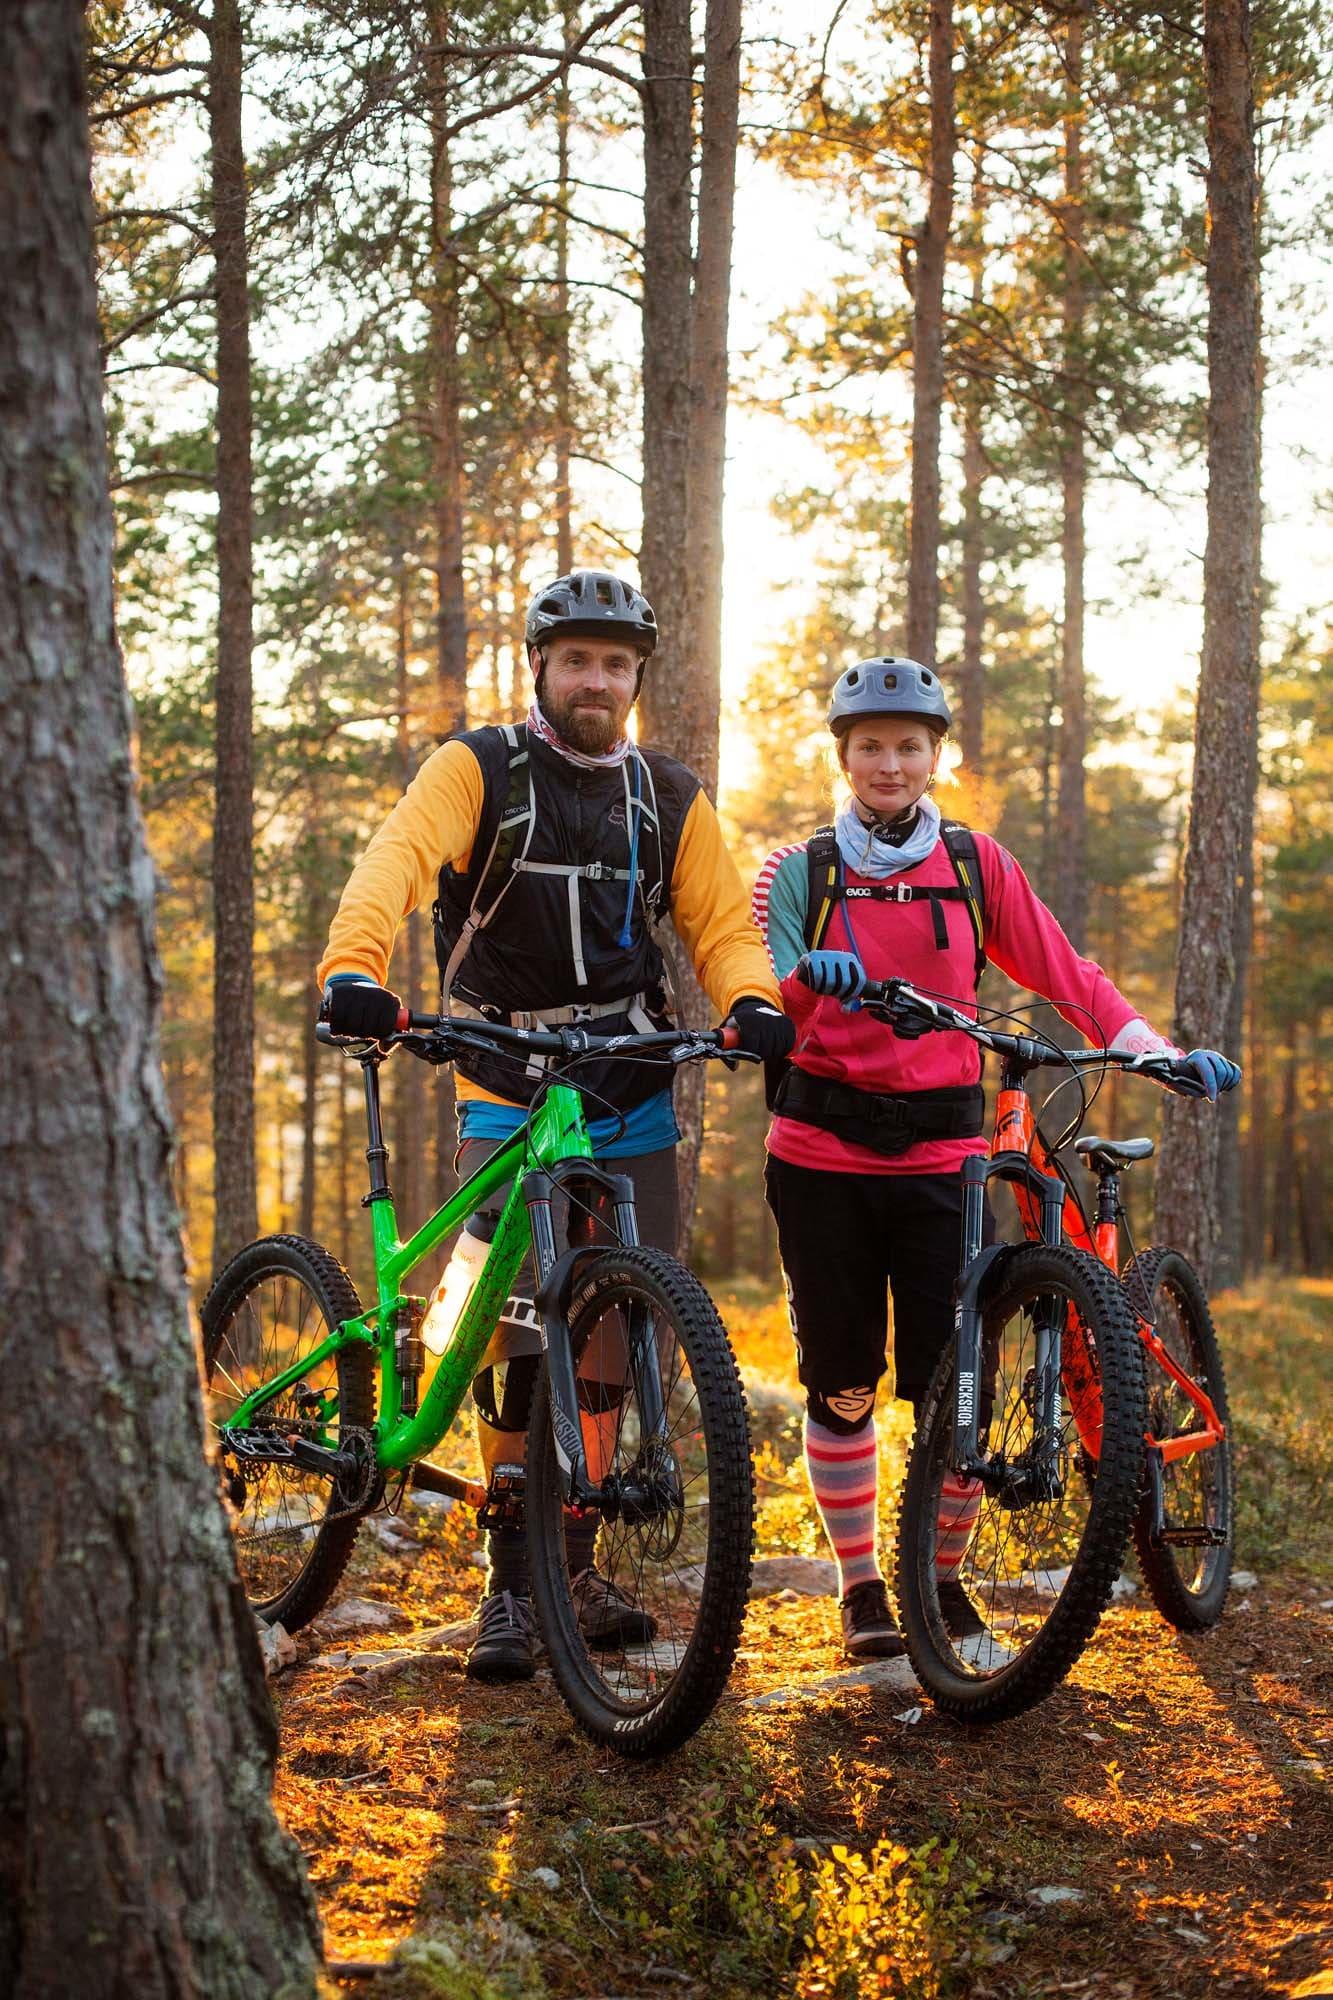 STIJEGERE: Kjell Arne Høyesveen og Julia Hamre bor i Ringebu - på fritiden jakter de alltid på nye stier. Foto: Kristoffer H. Kippernes.